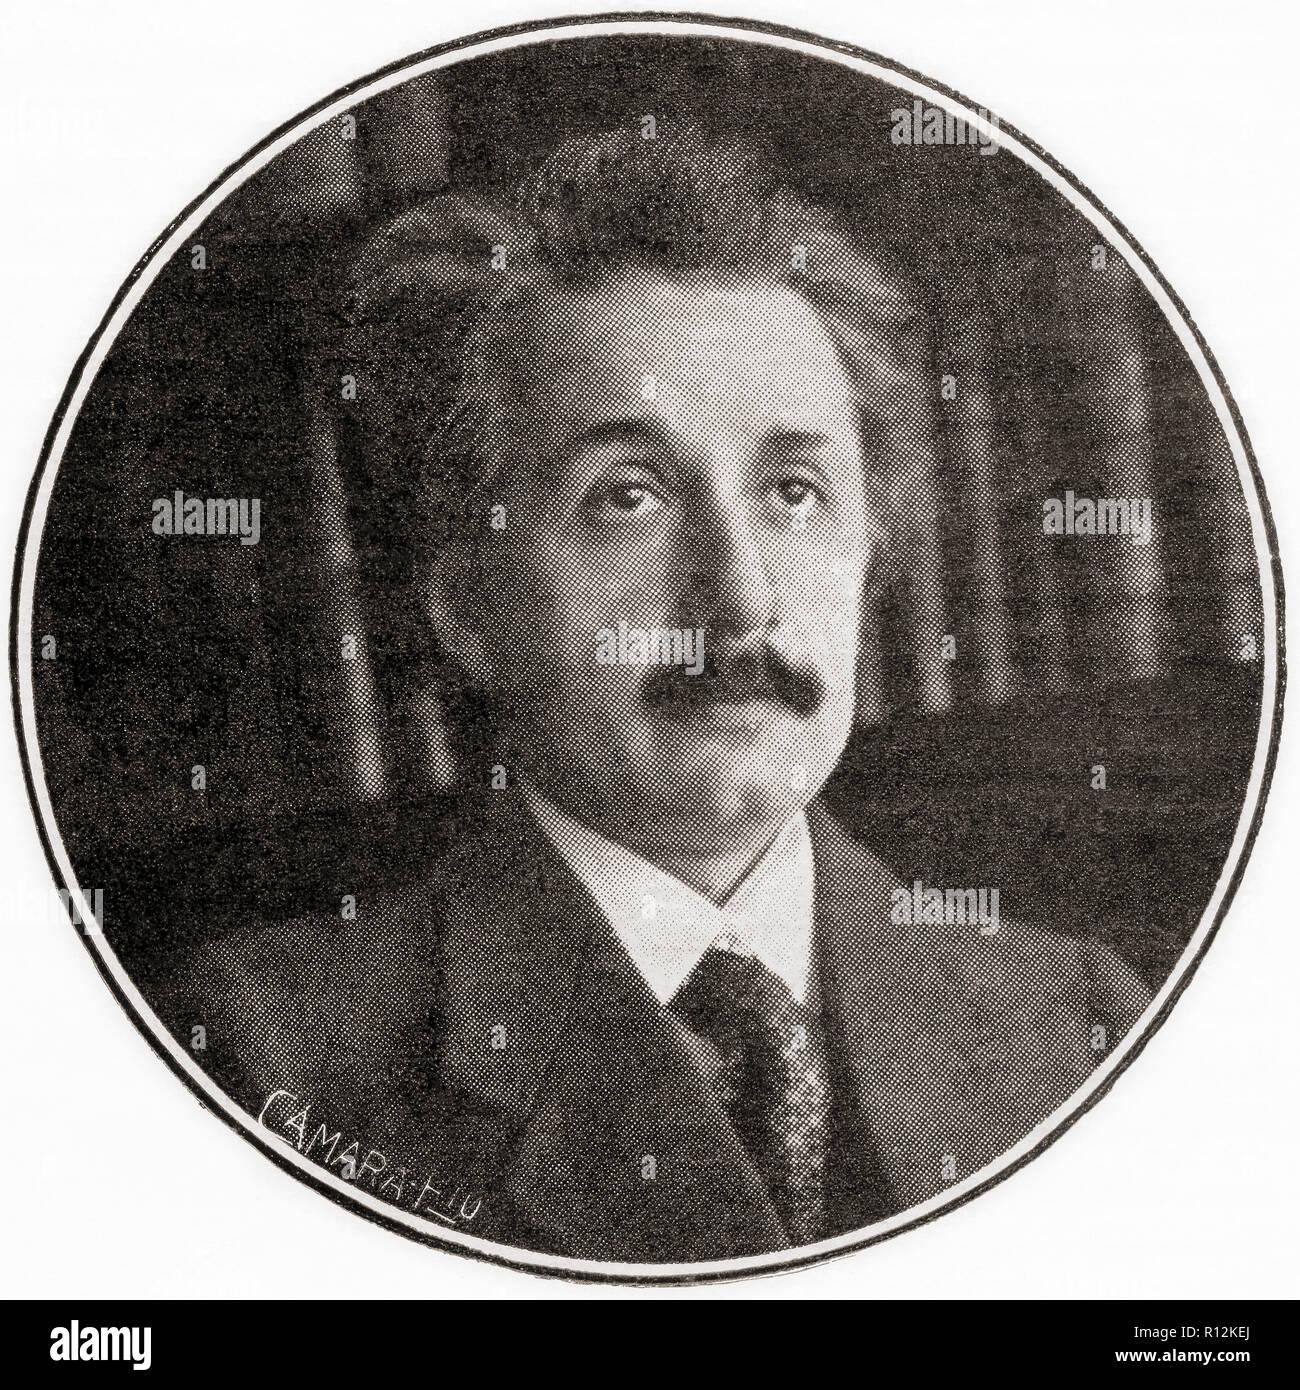 Albert Einstein, 1879 - 1955. In Deutschland geborene theoretische Physiker, Nobelpreisträger 1921 in Physik. Von La Esfera, veröffentlicht 1921. Stockfoto